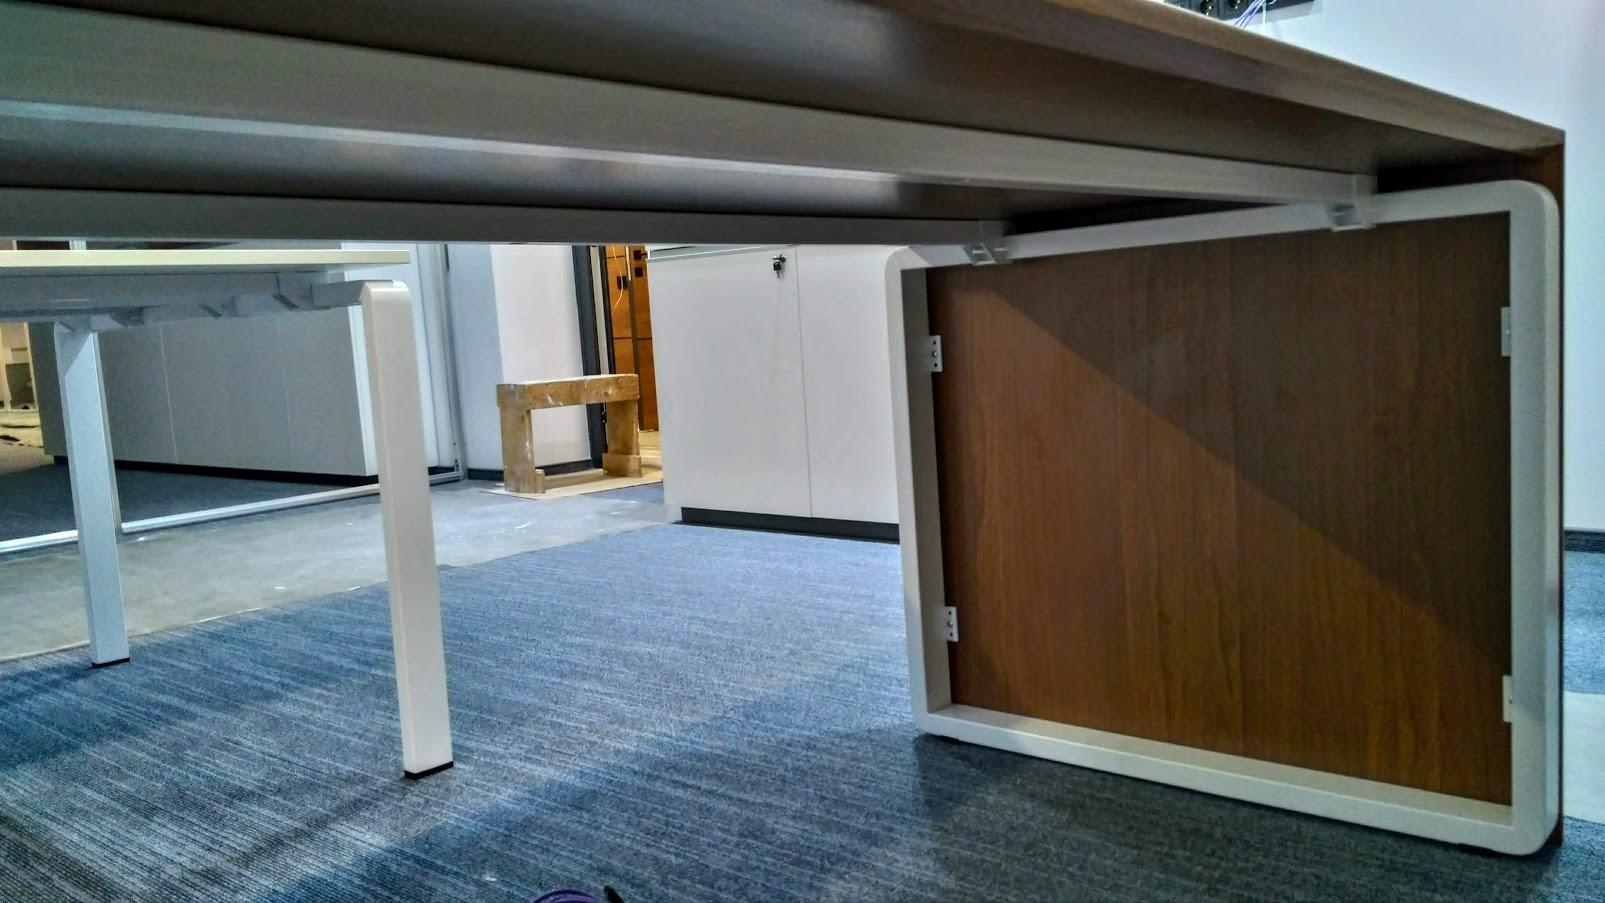 Каркас для стола - Модульная офисная мебель, Металлические каркасы столов, Мебельные опоры ✆ 0679245444